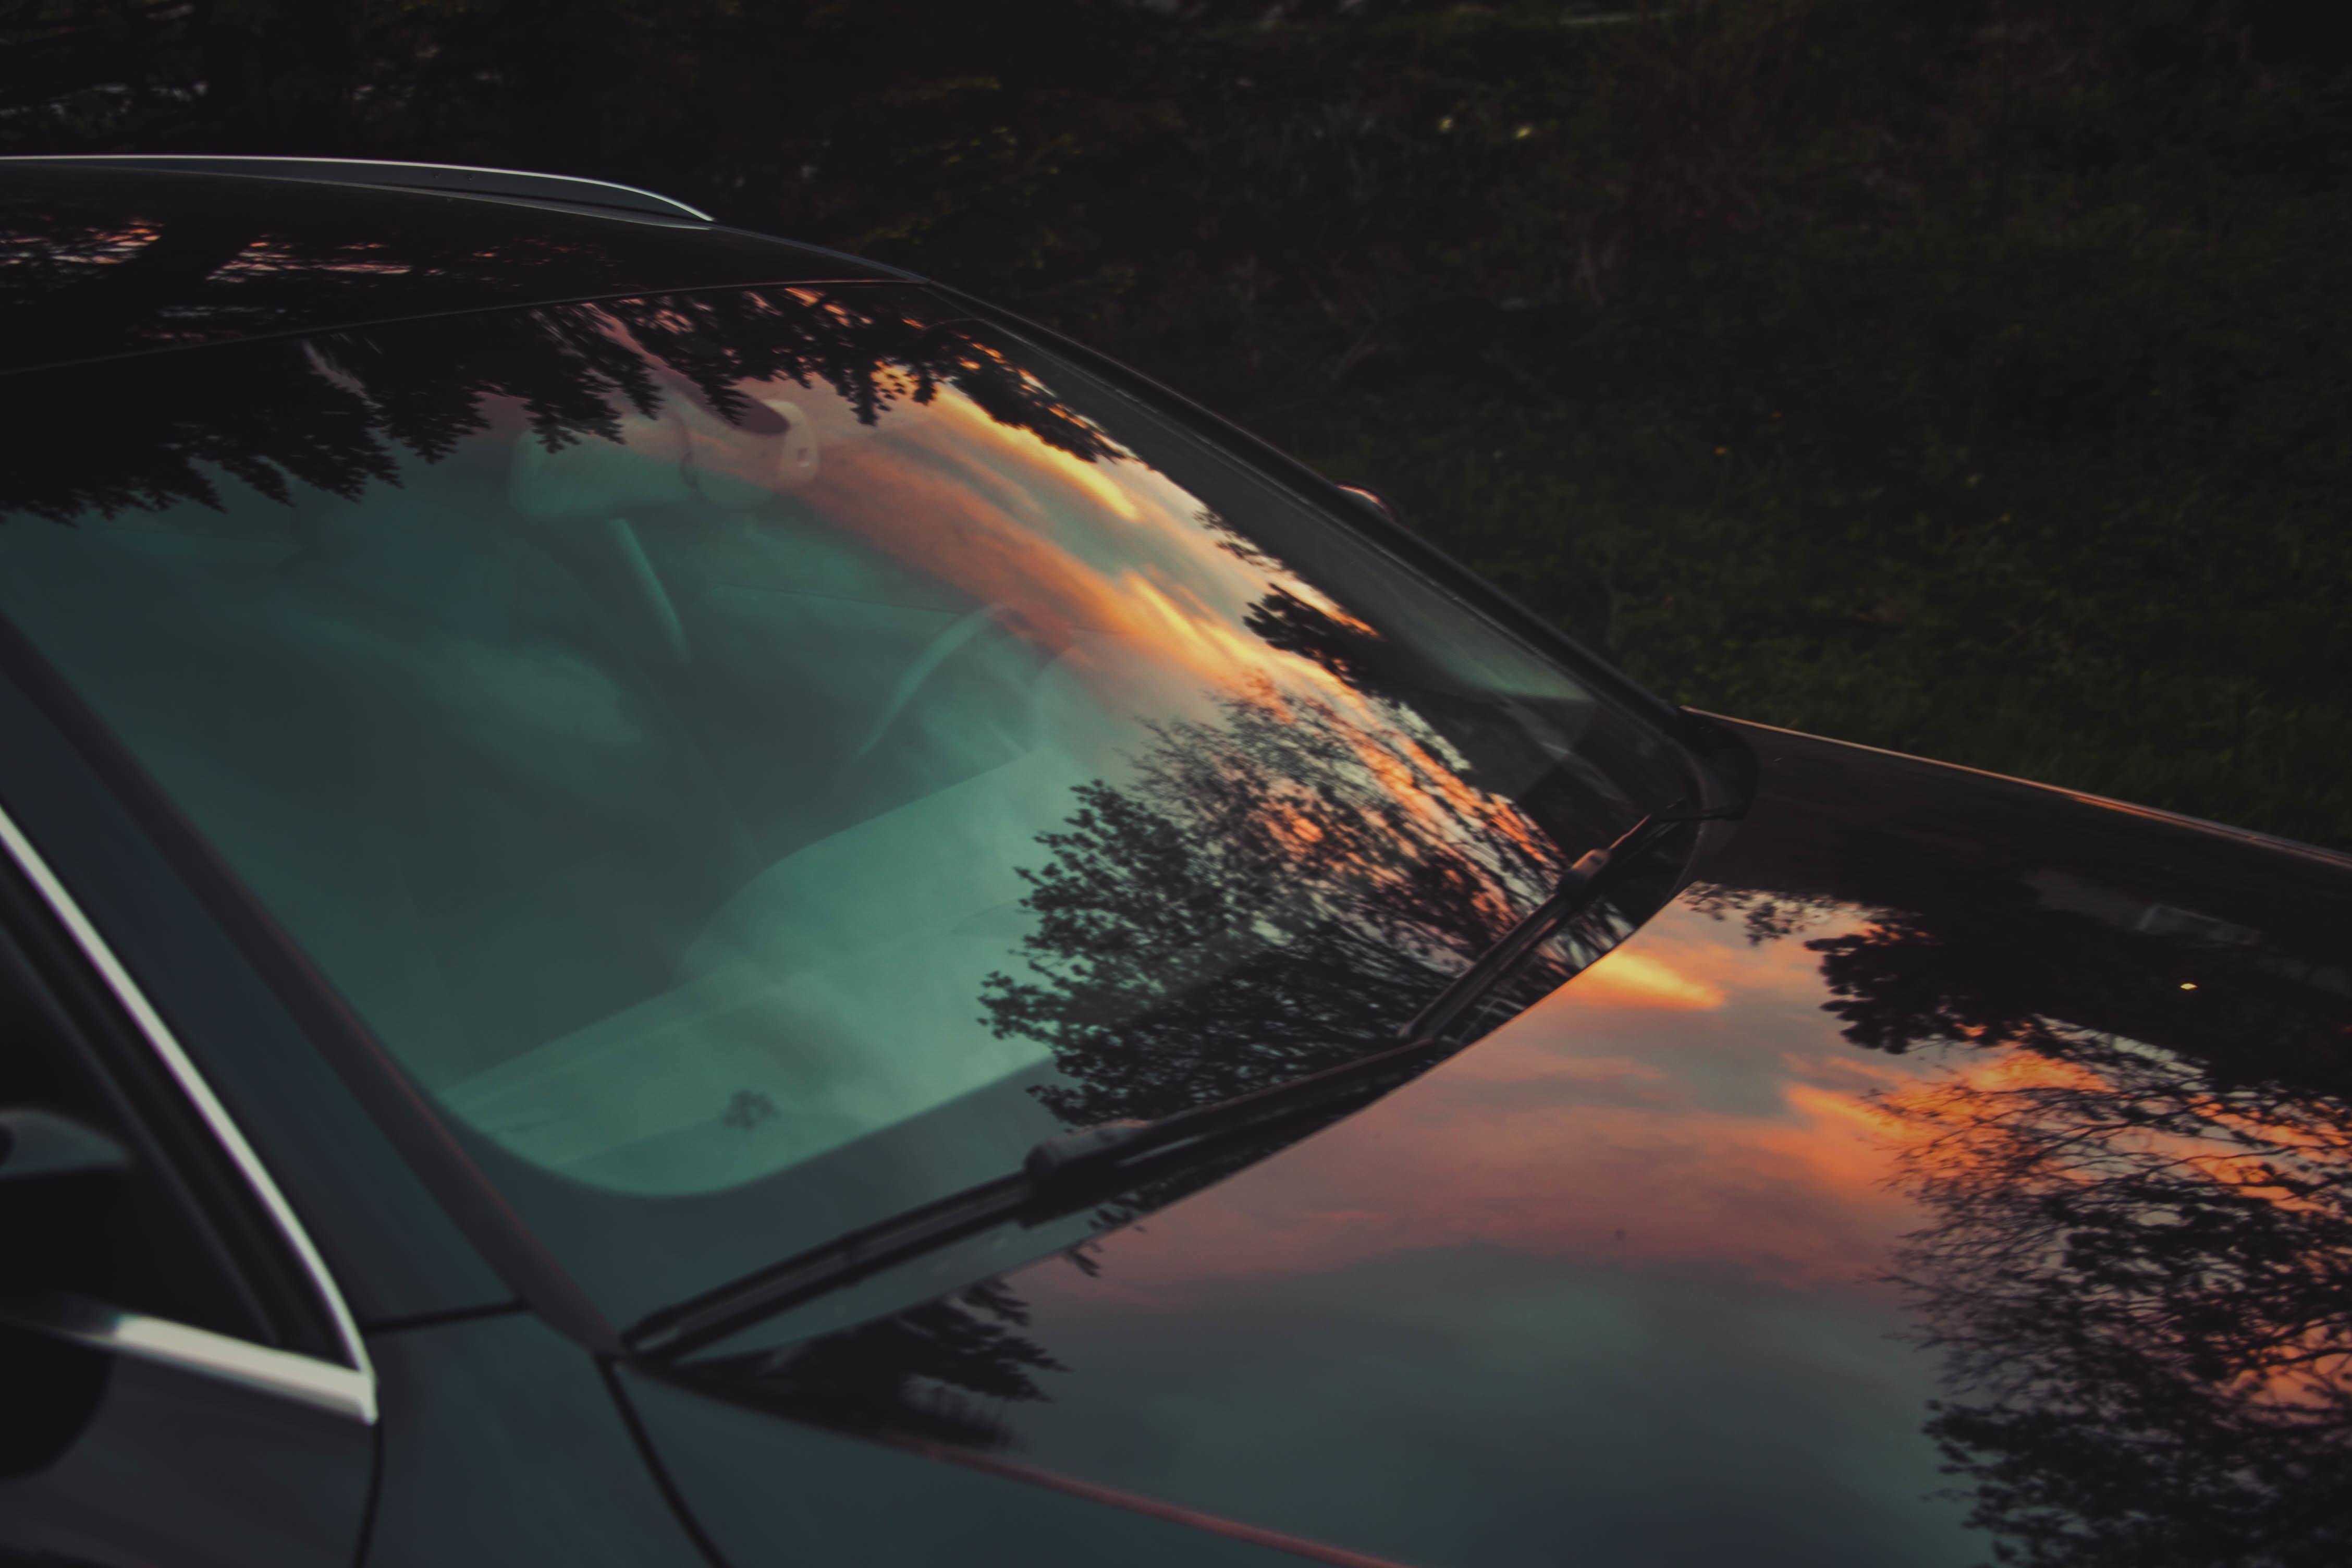 фотографии на стекло машины вас есть